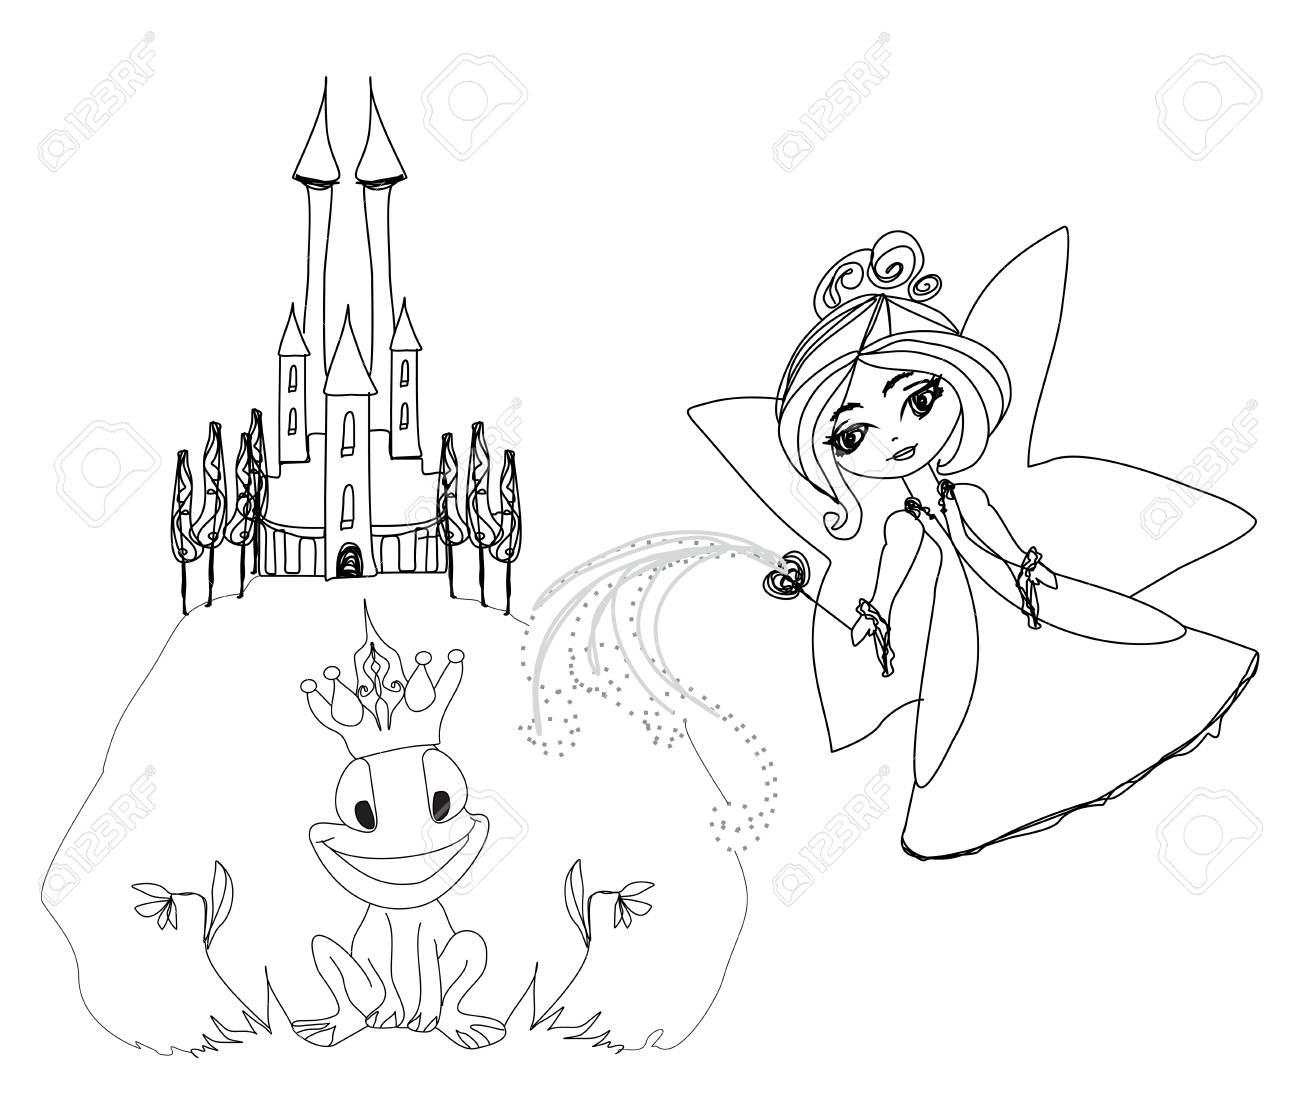 Lujoso Página Para Colorear De Príncipe Rana Foto - Dibujos Para ...